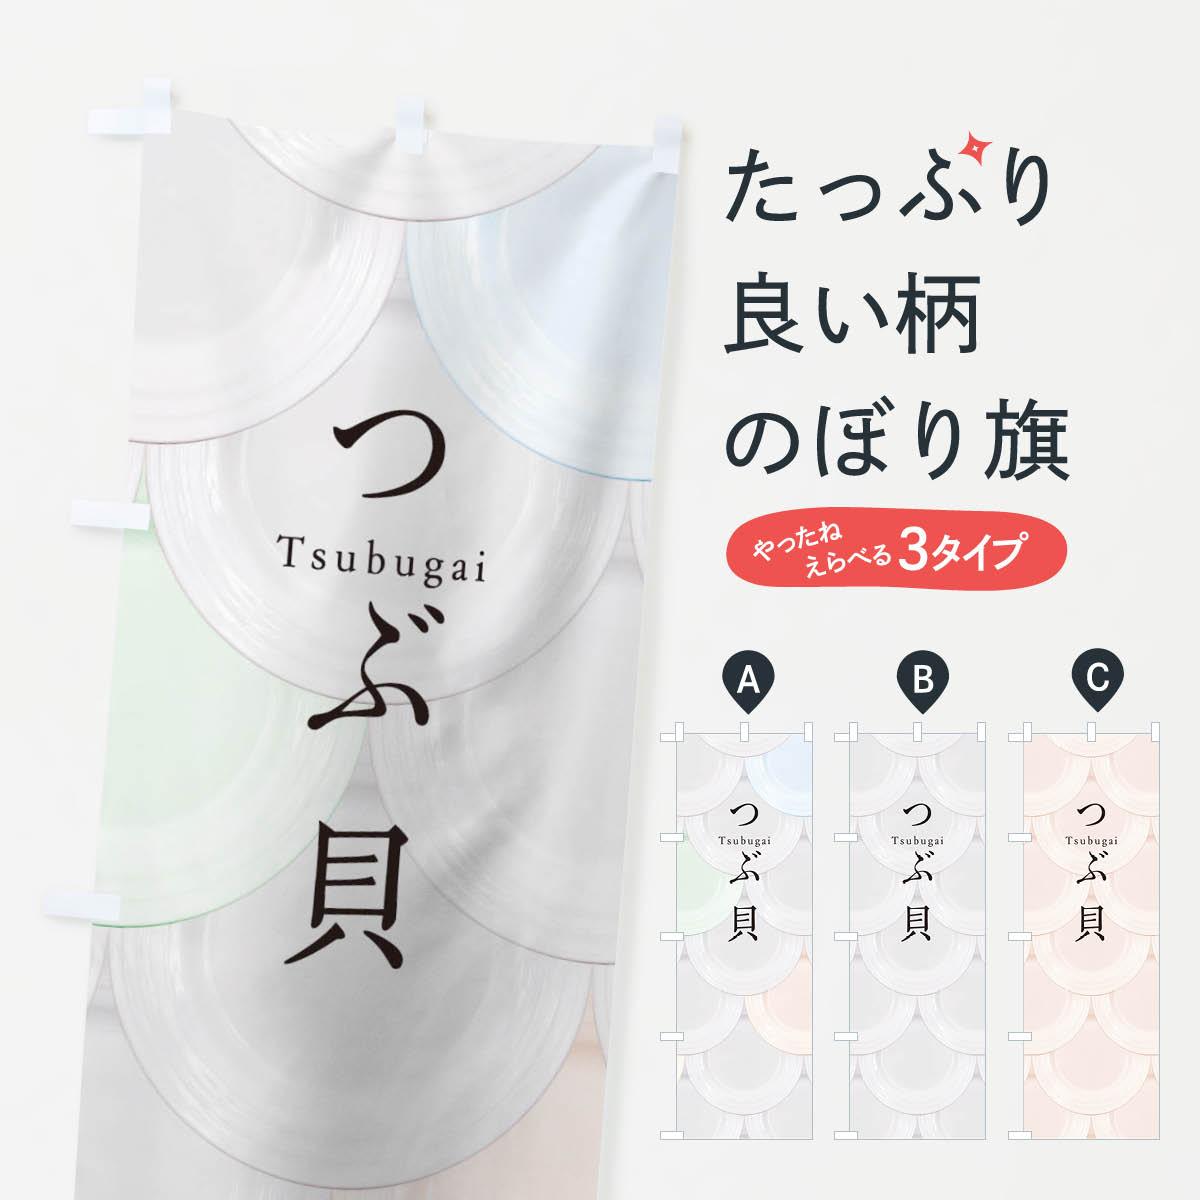 【3980送料無料】 のぼり旗 つぶ貝のぼり お寿司 刺身 回転寿司 魚介名